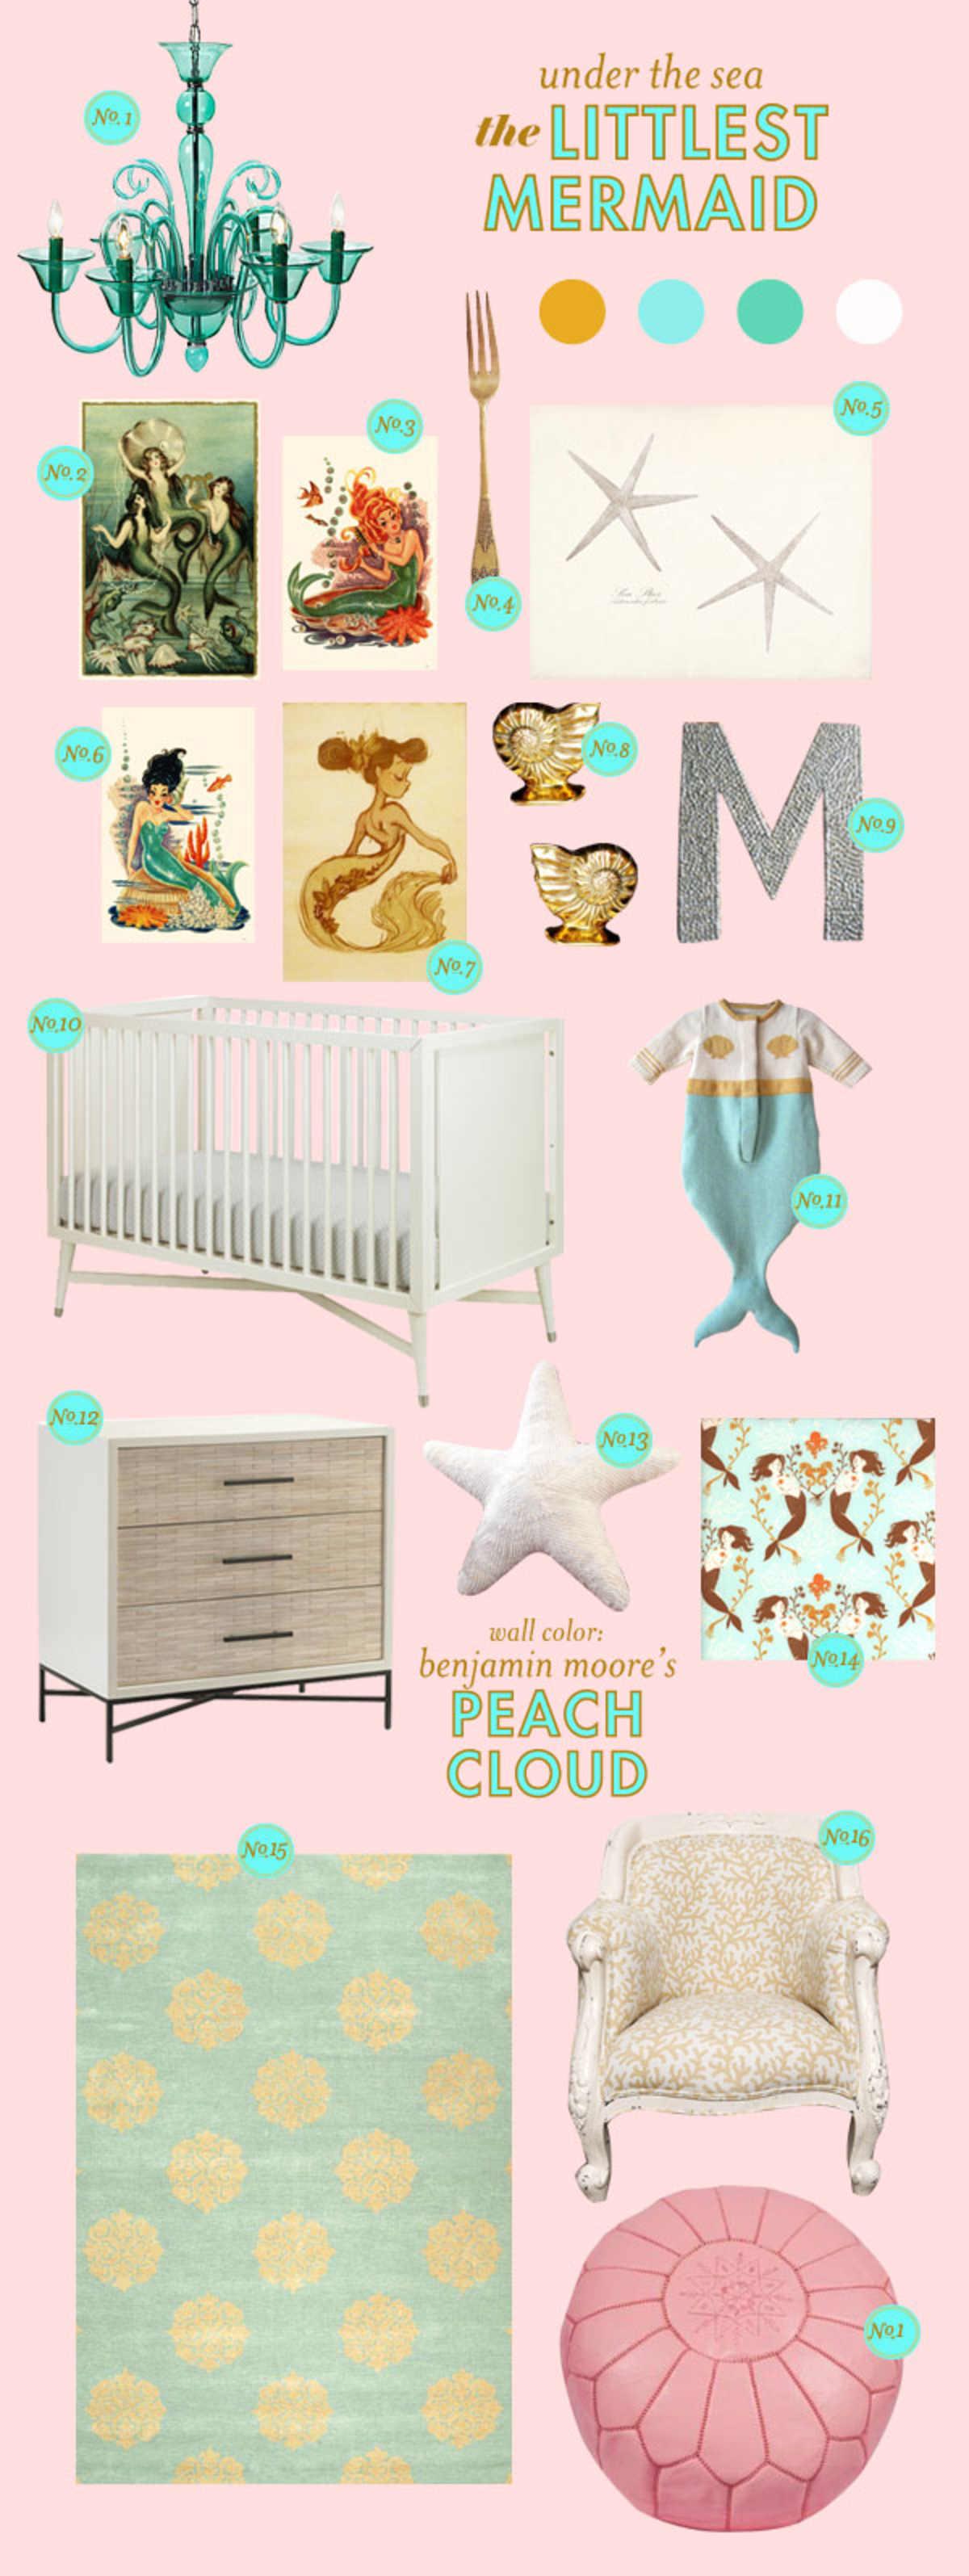 mermaid baby room ideas